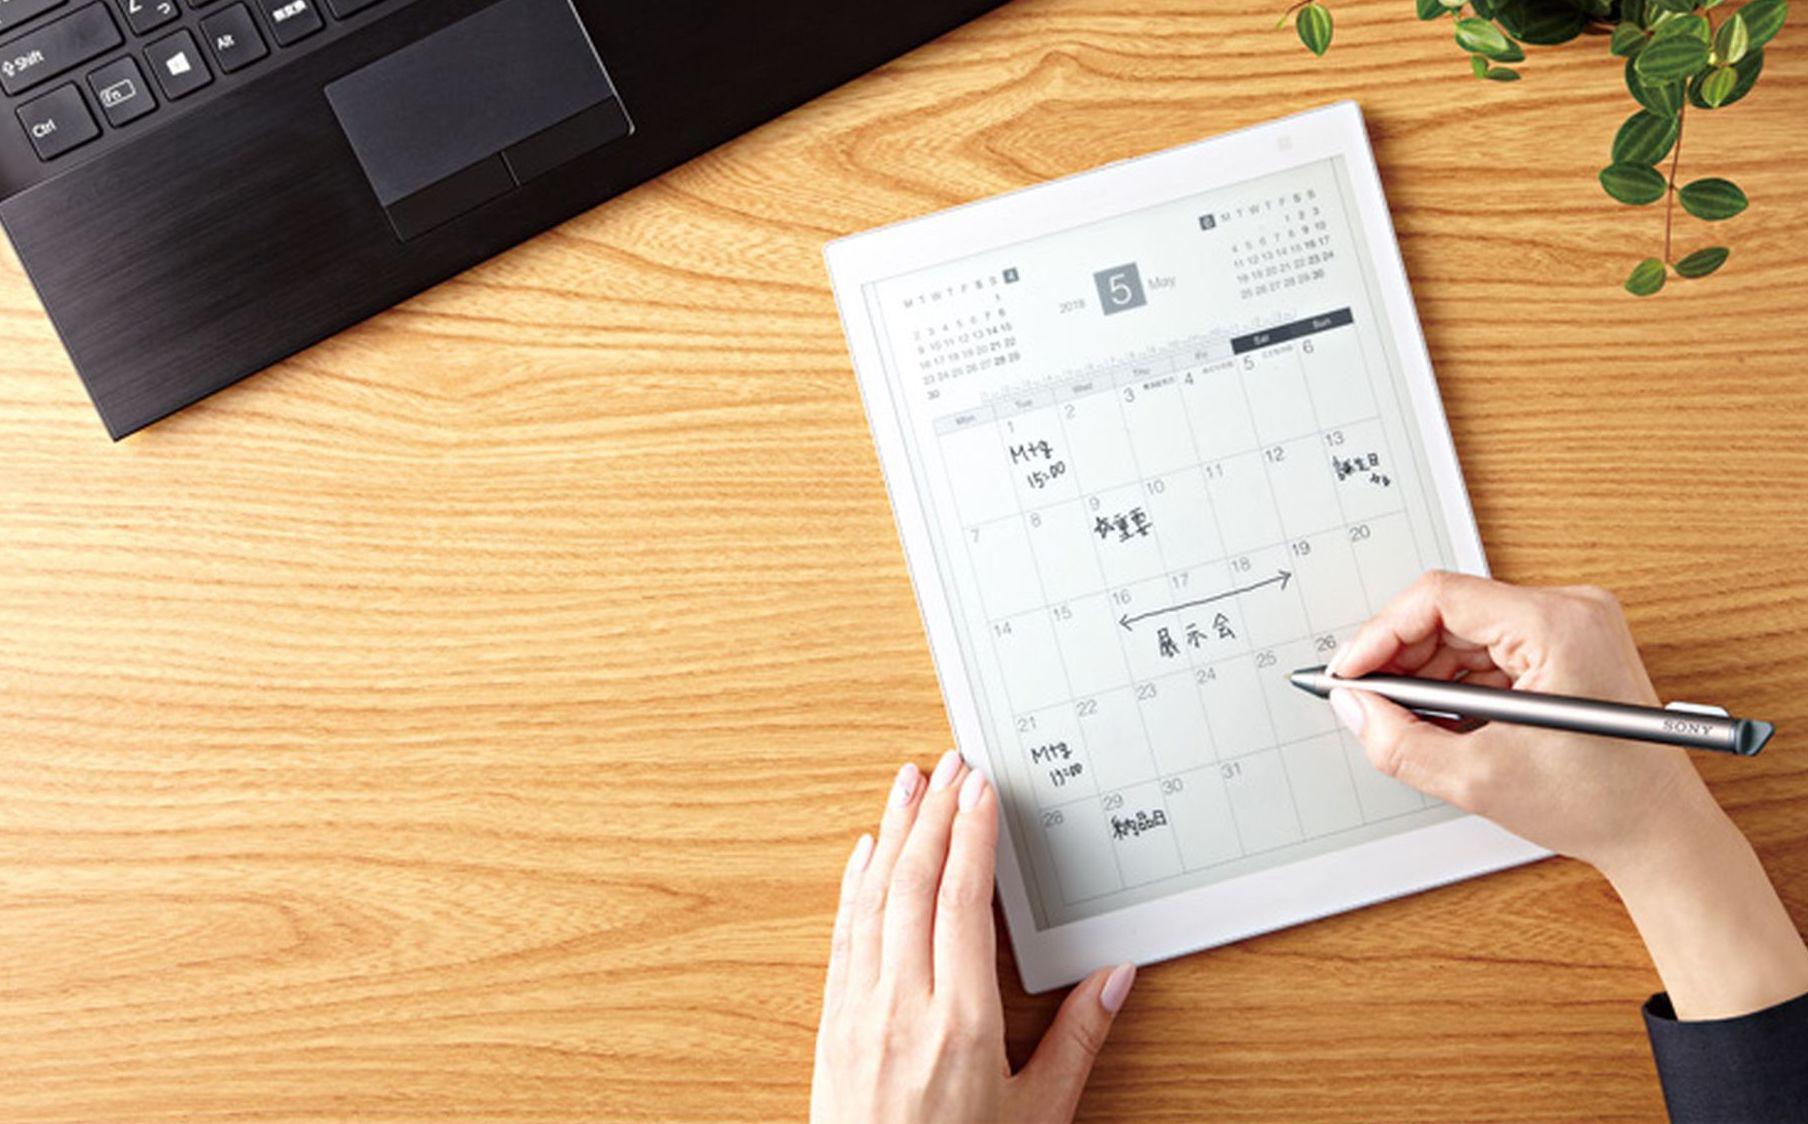 索尼 Digital Paper 电子墨水平板 DPT-CP1